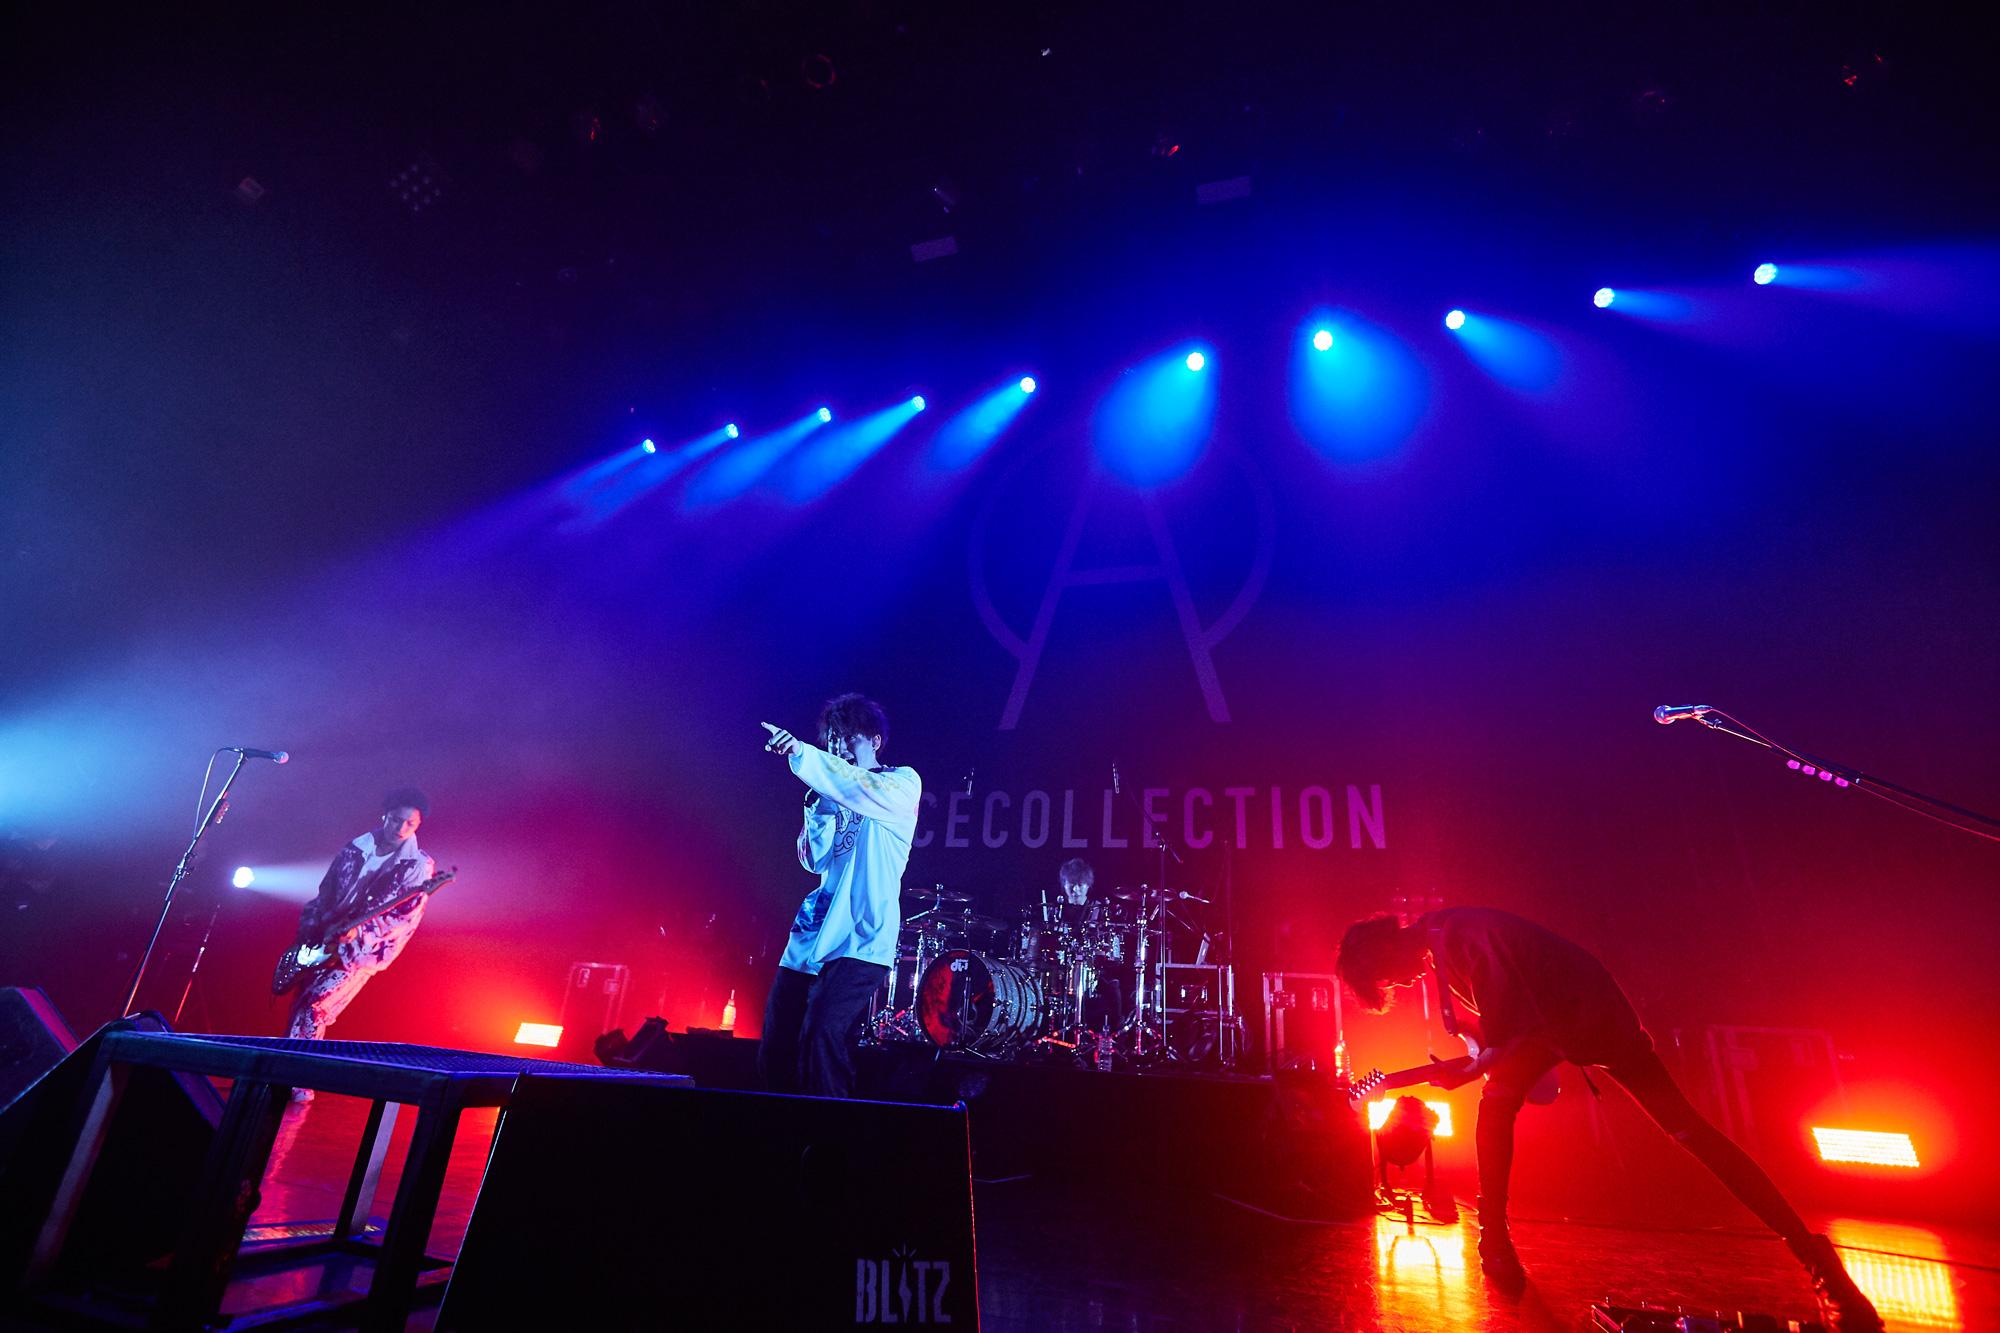 「今日が人生で一番幸せ」初ライブで満員のACE COLLECTIONが圧巻のパフォーマンス